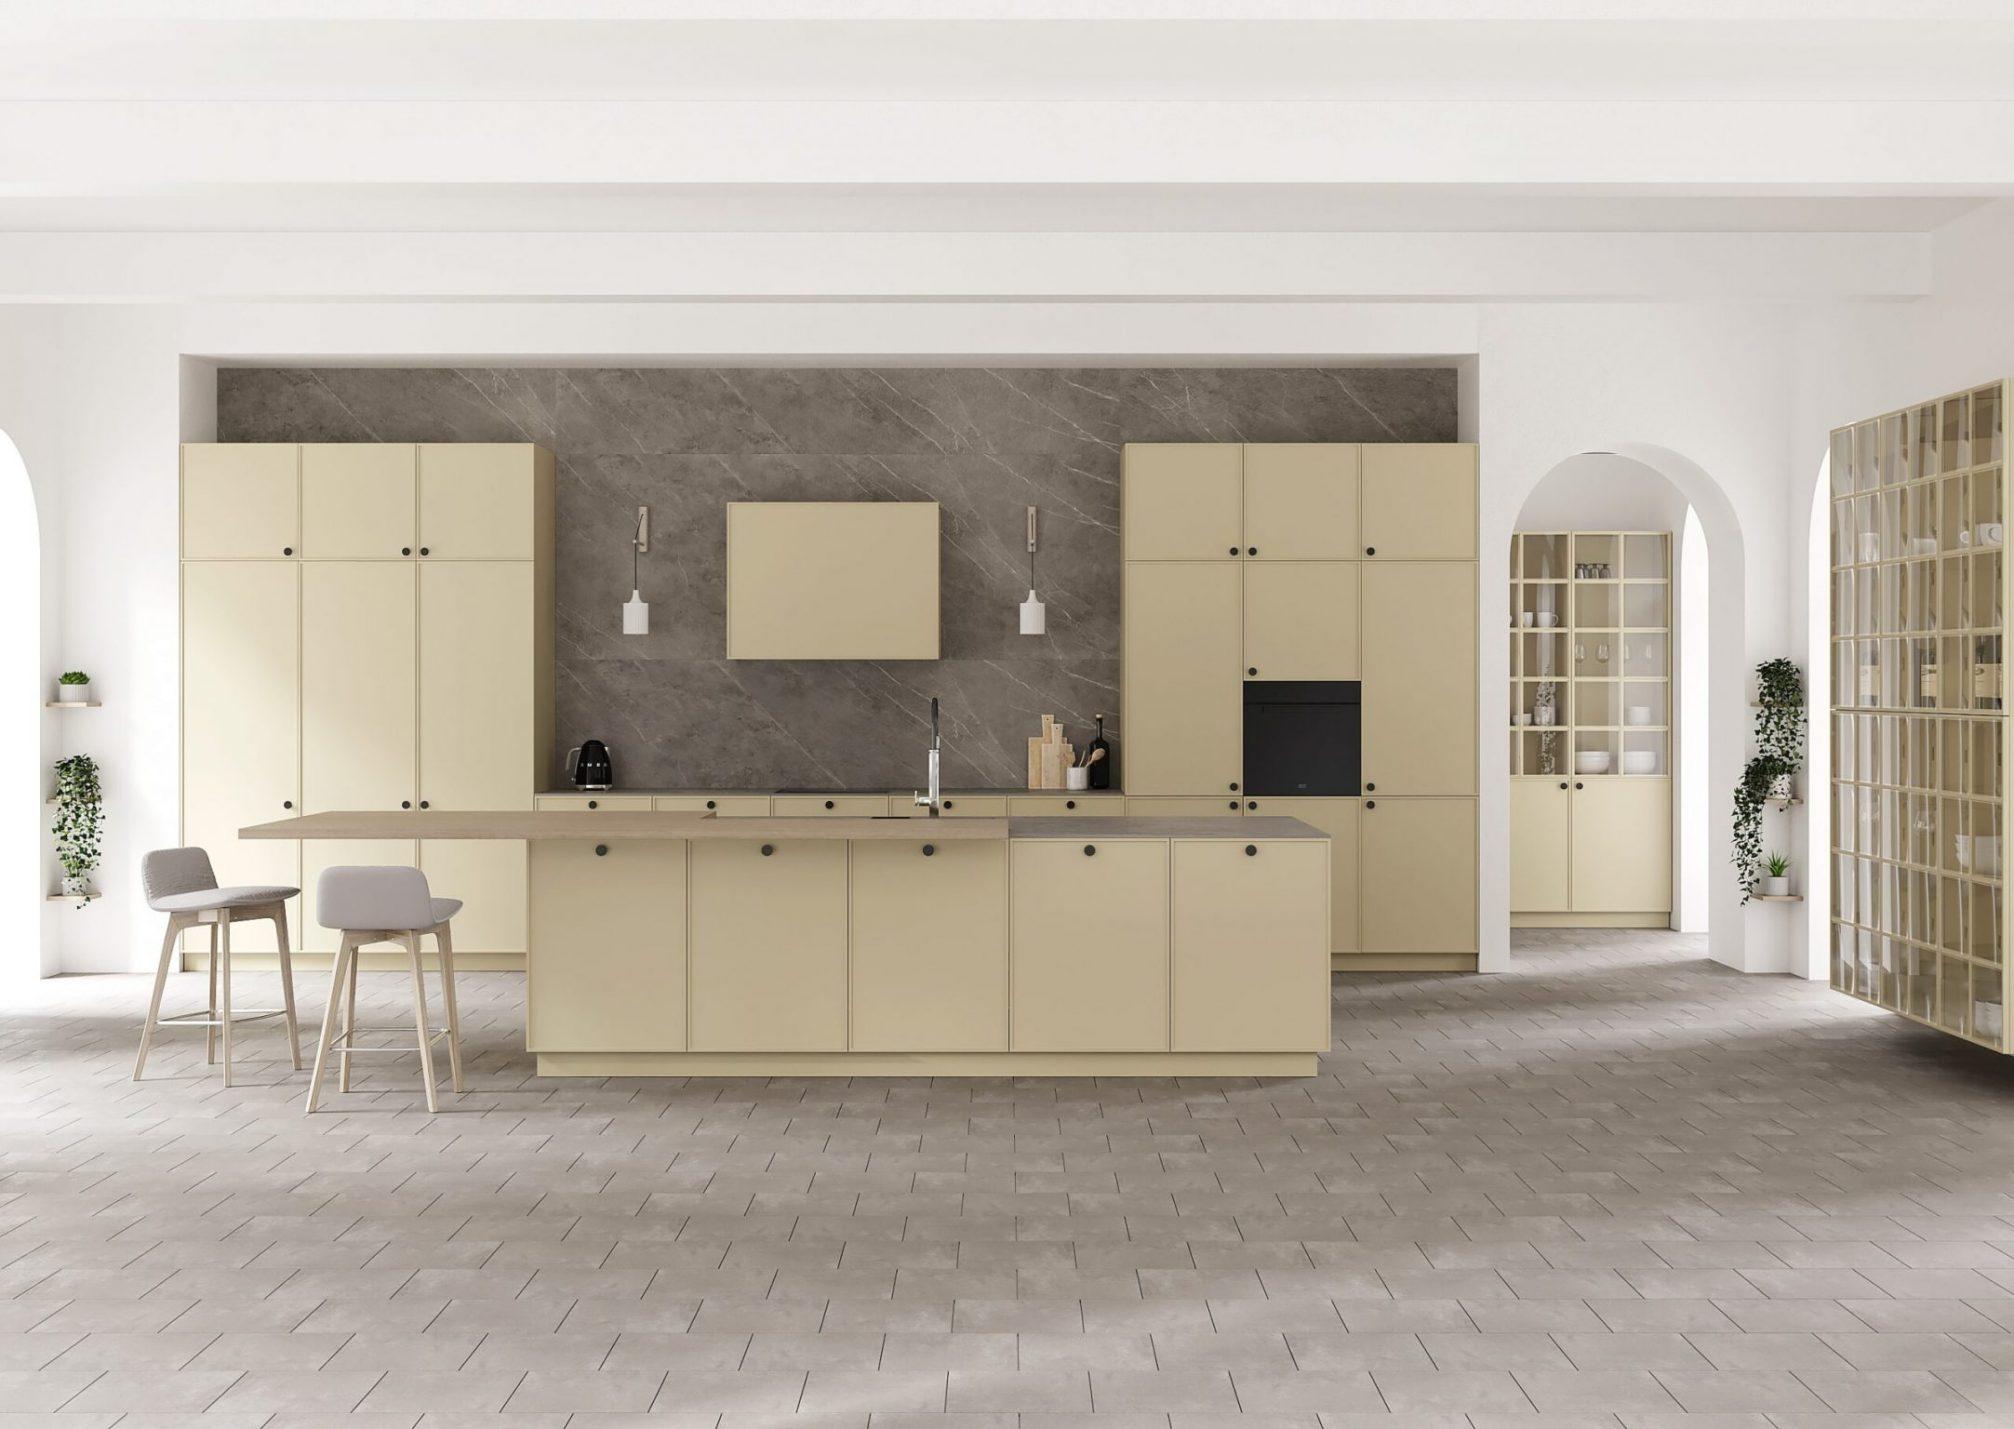 kitchen_studio_twelve_11-scaled